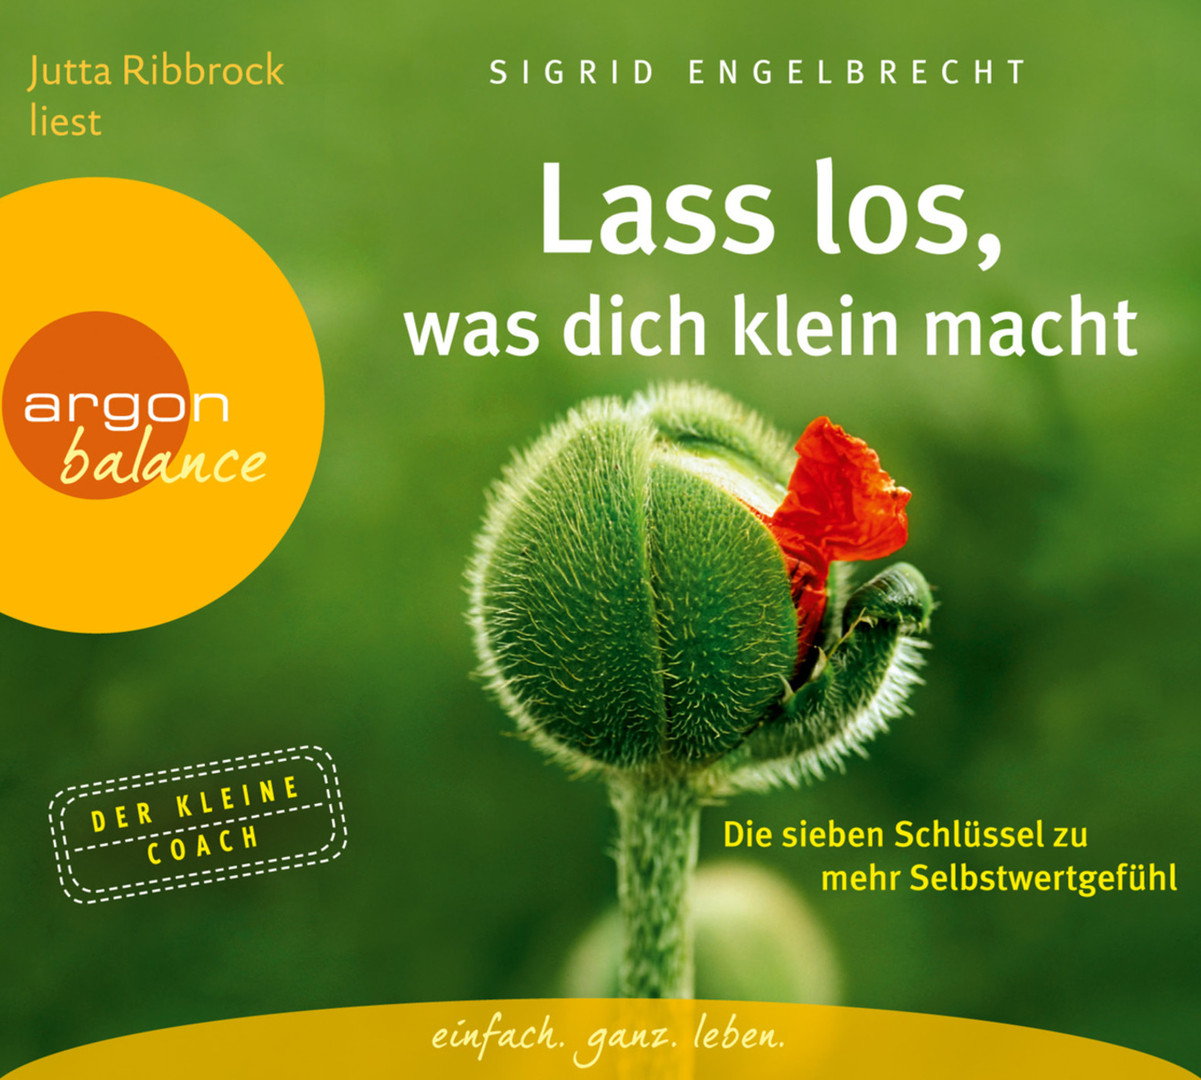 Sigrid Engelbrecht - Lass los, was dich klein macht